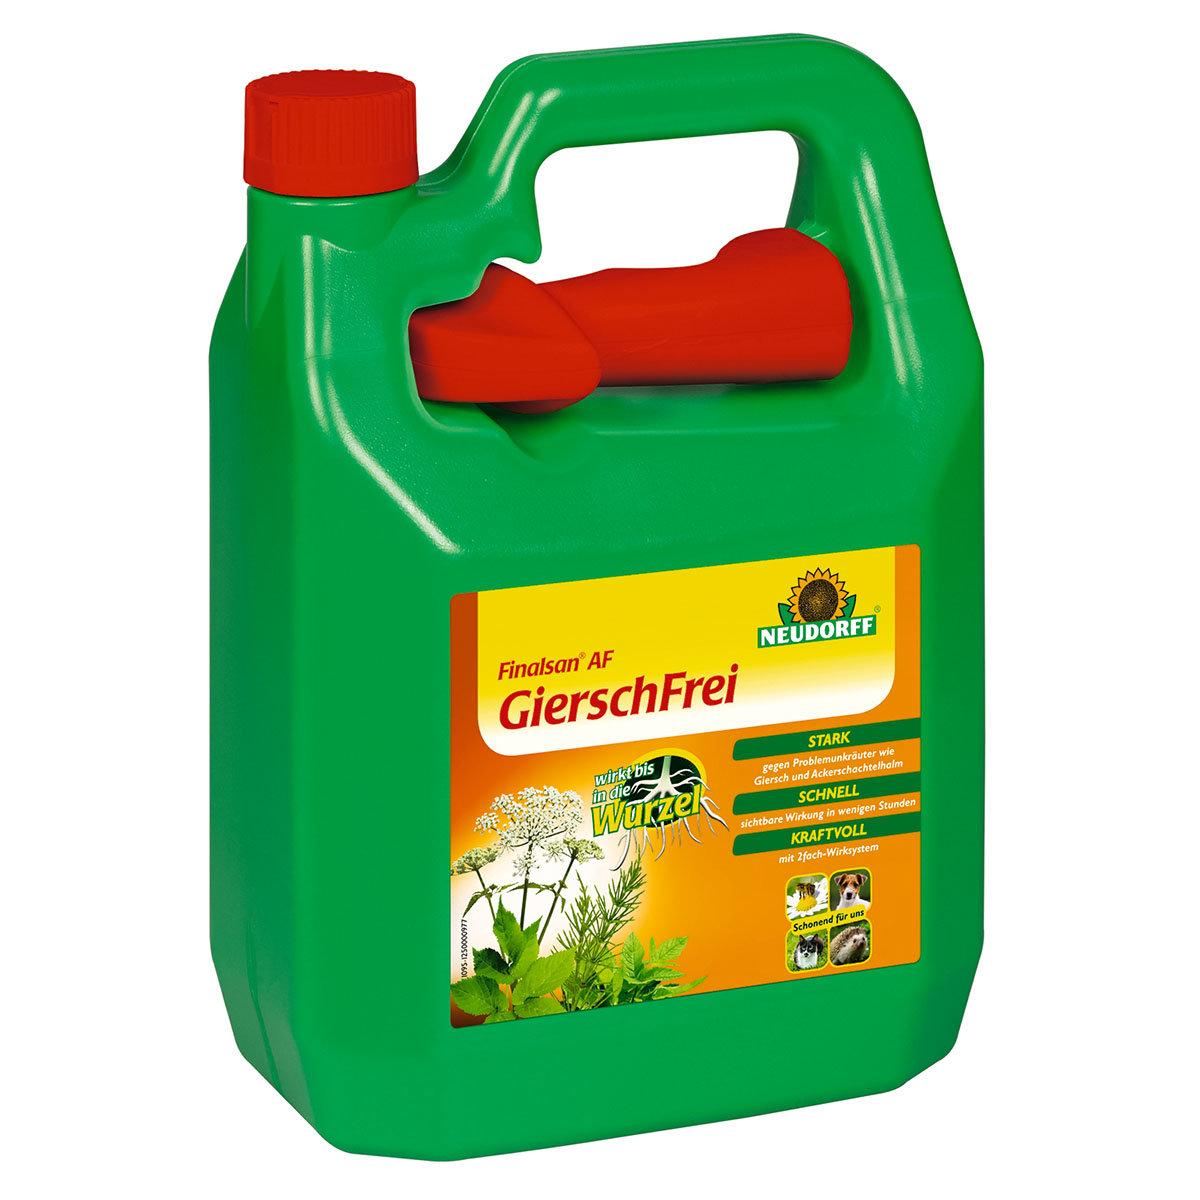 Neudorff Finalsan AF GierschFrei, 3 Liter Sprühsystem